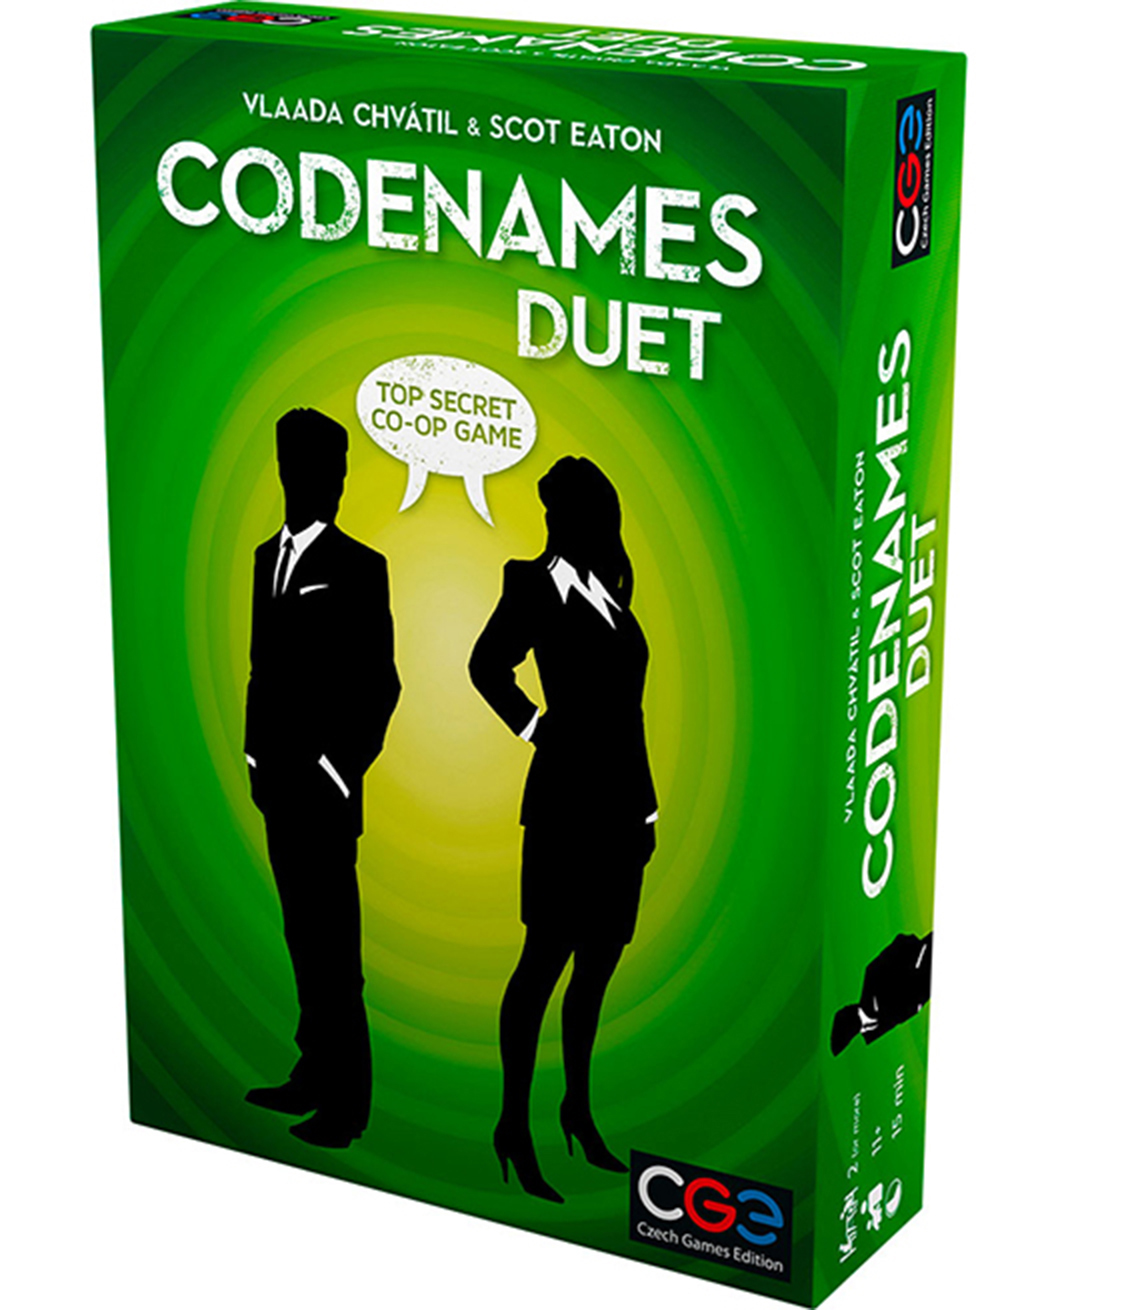 Codenames Duet game box